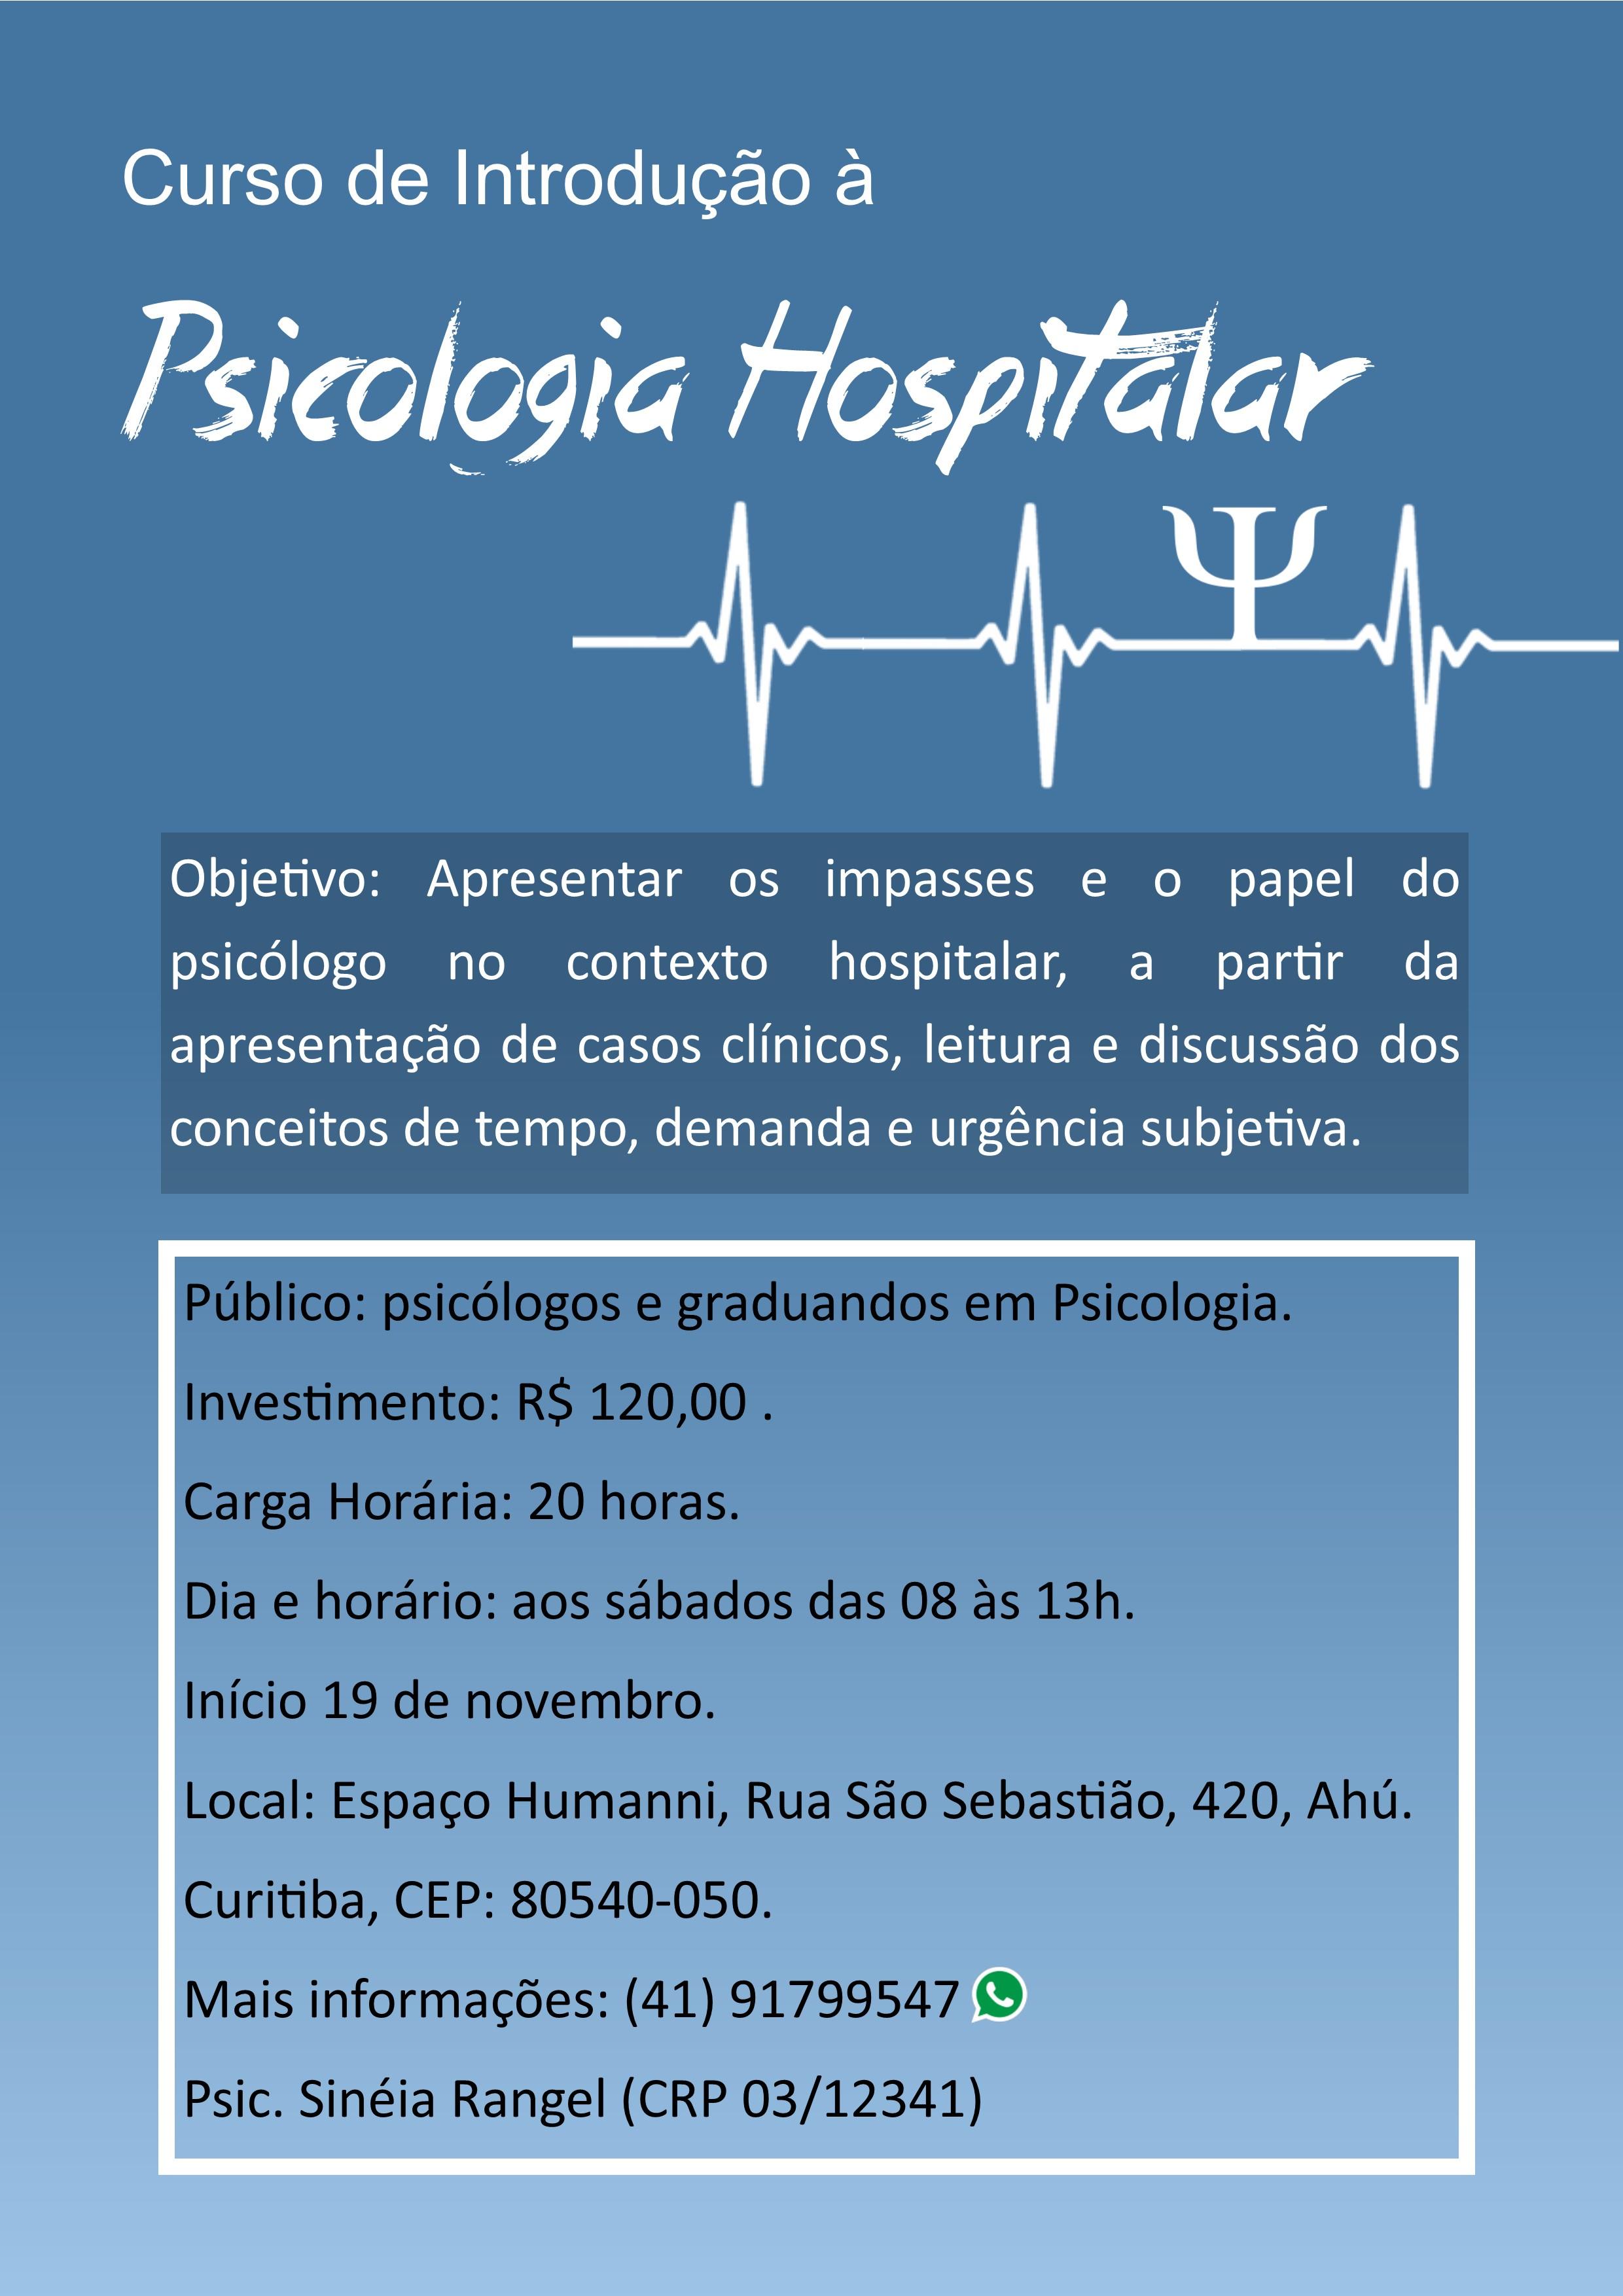 Curso de Introdução à Psicologia Hospitalar